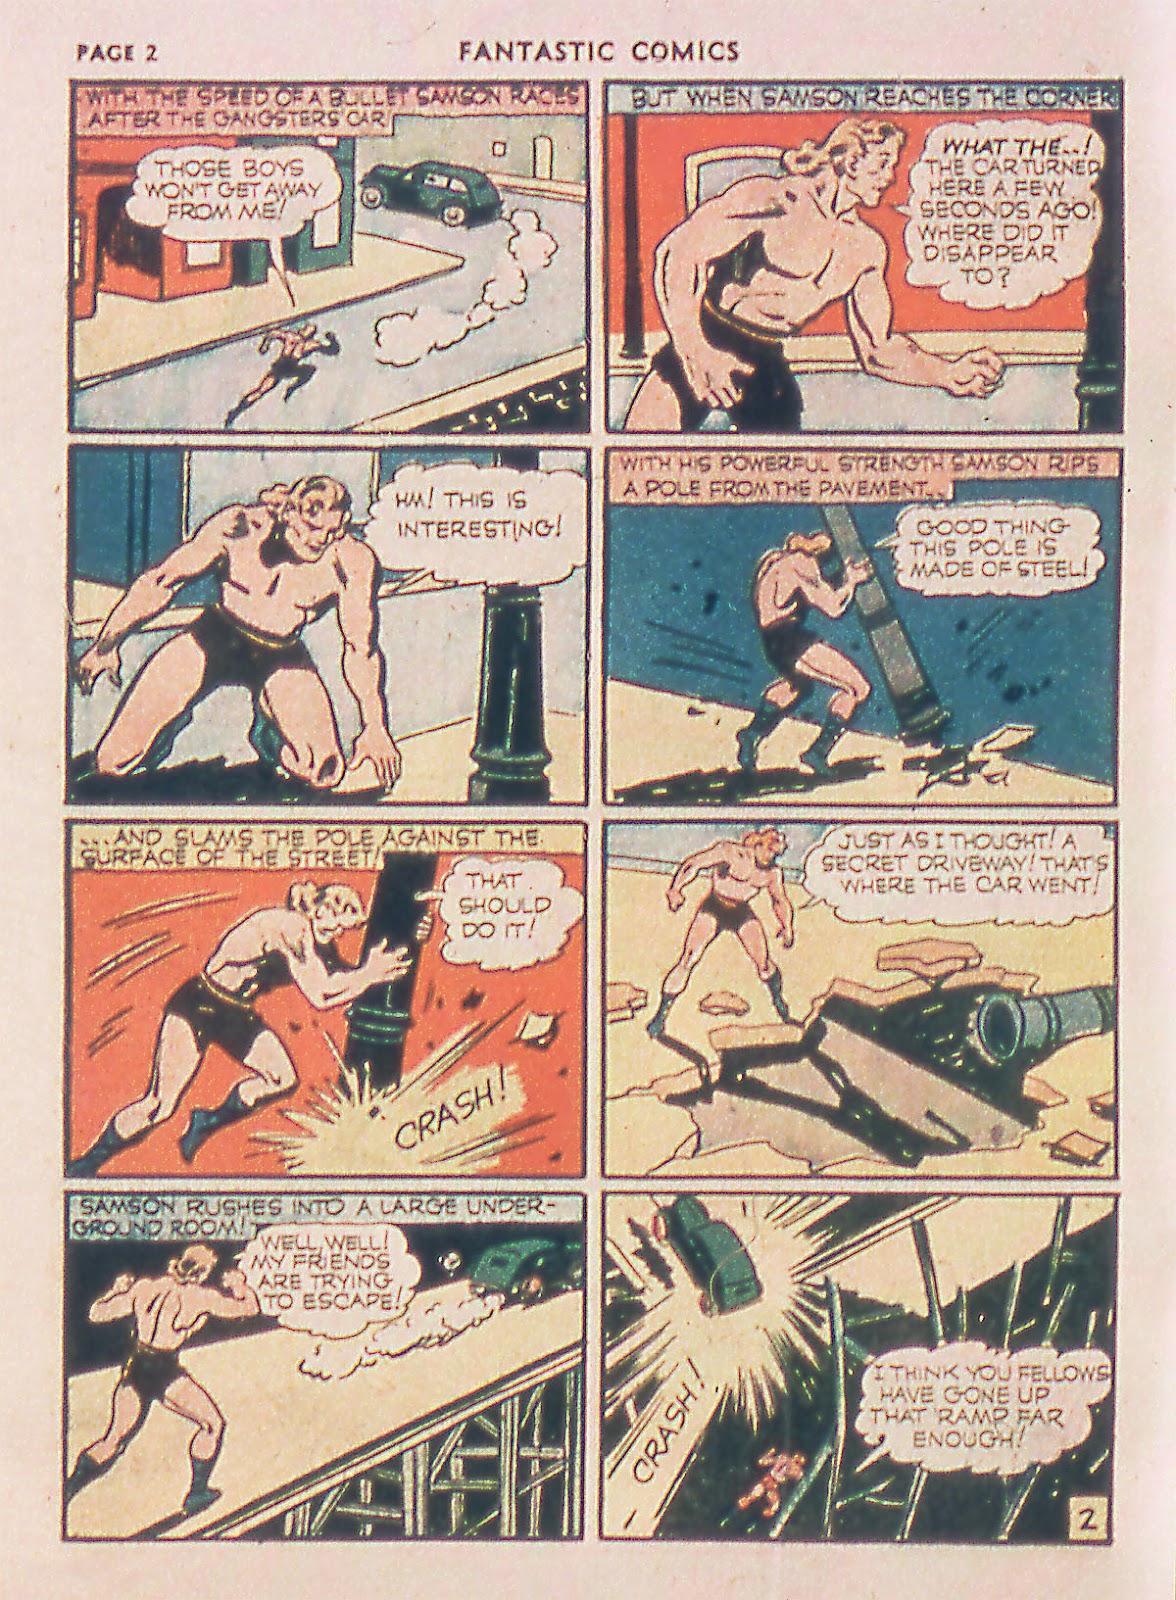 Read online Fantastic Comics comic -  Issue #18 - 4